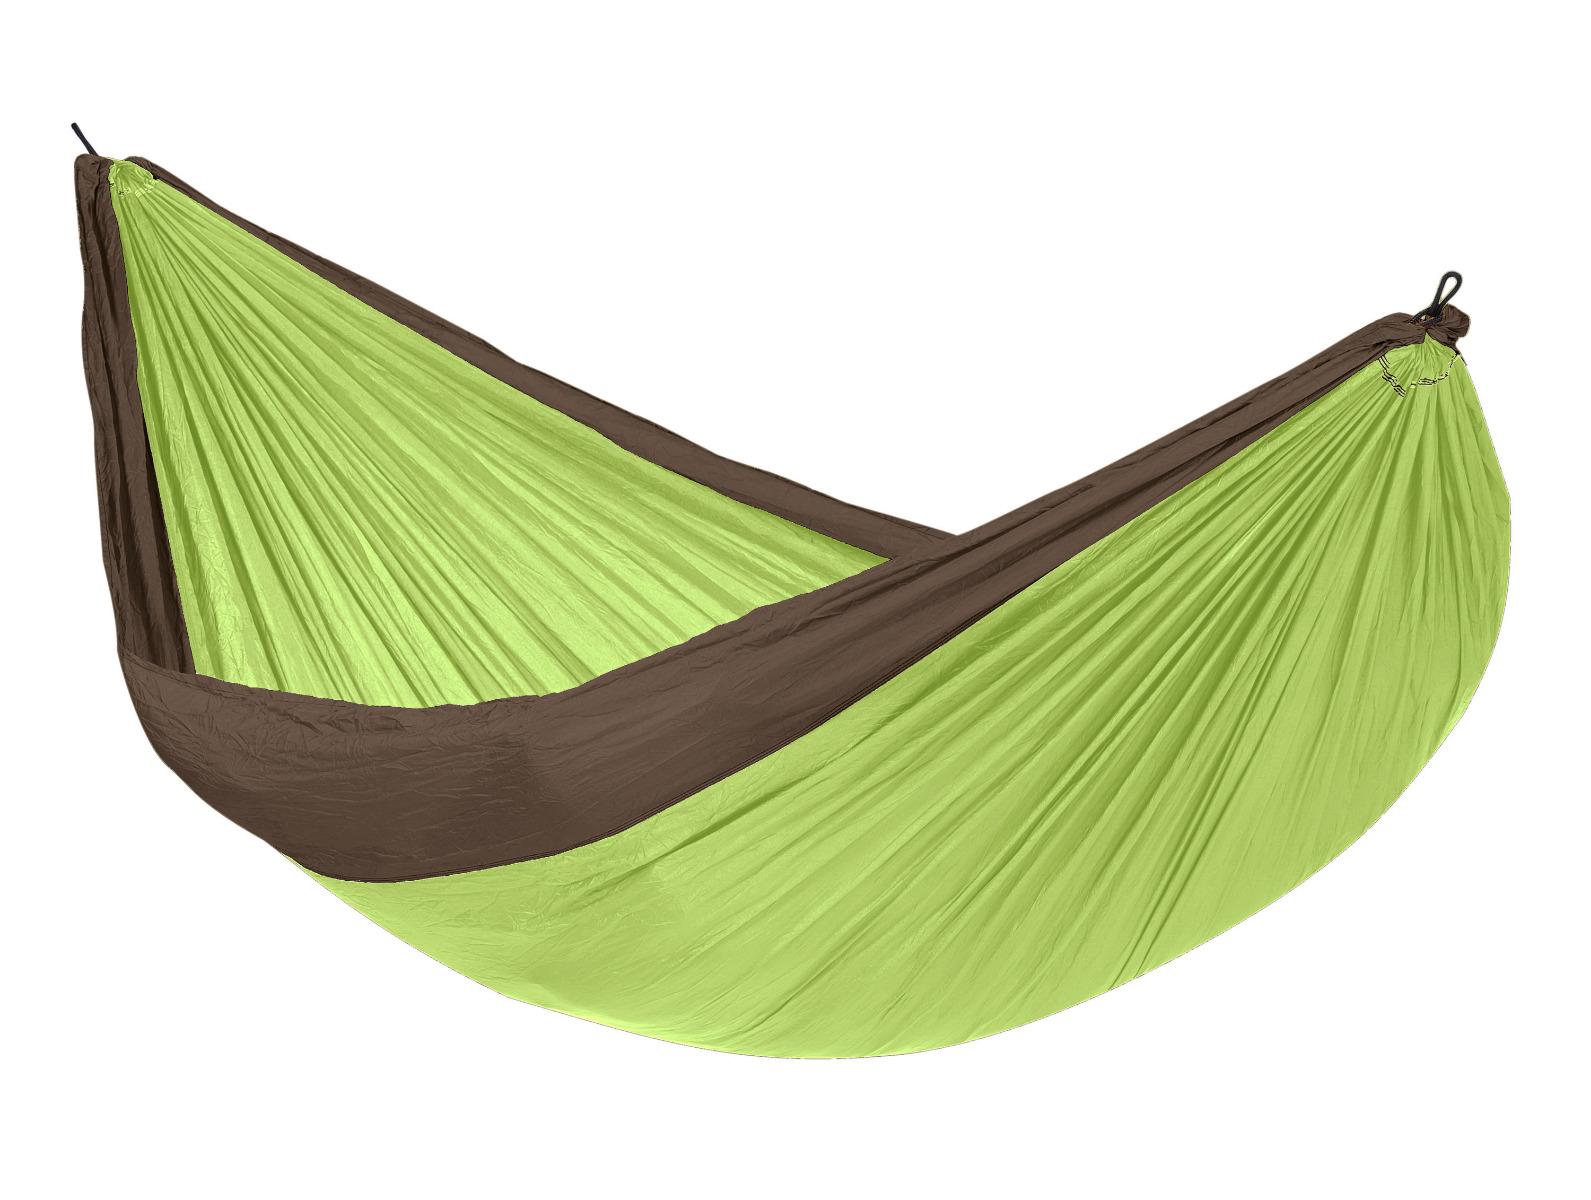 Reishangmat Tweepersoons 'Travel' Lime - Groen - Tropilex �